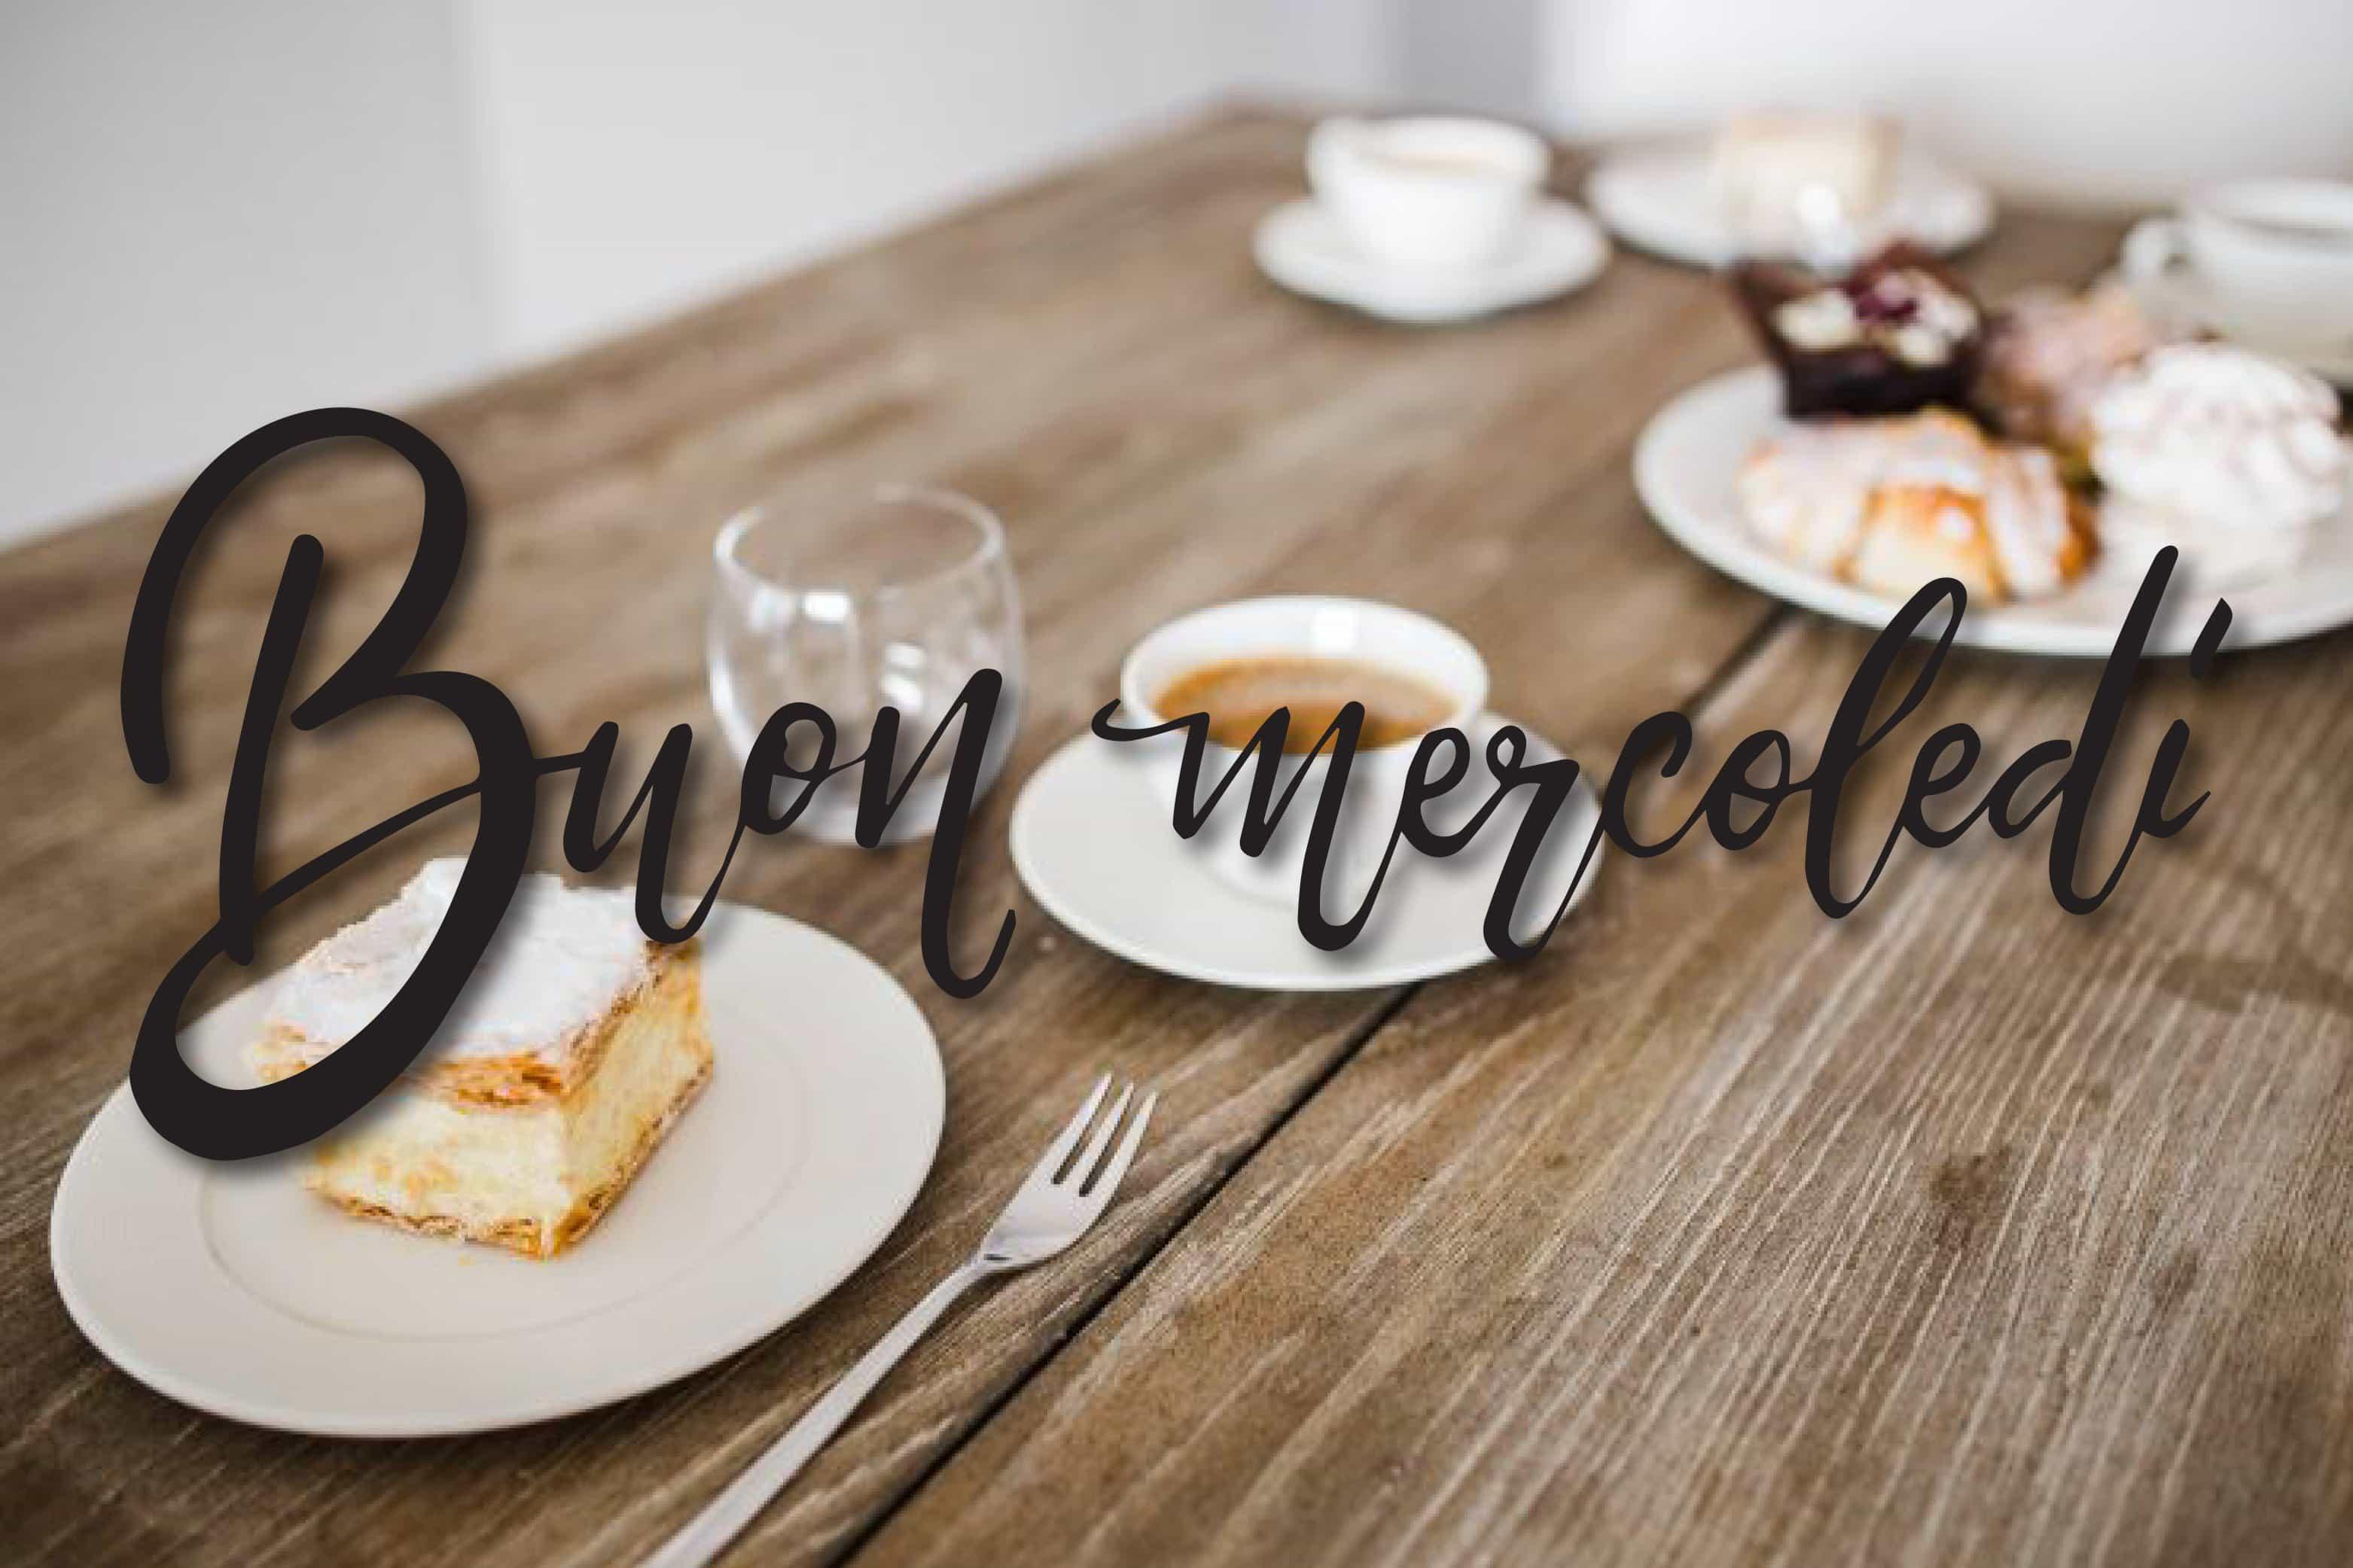 Buon mercoledì e buon caffe